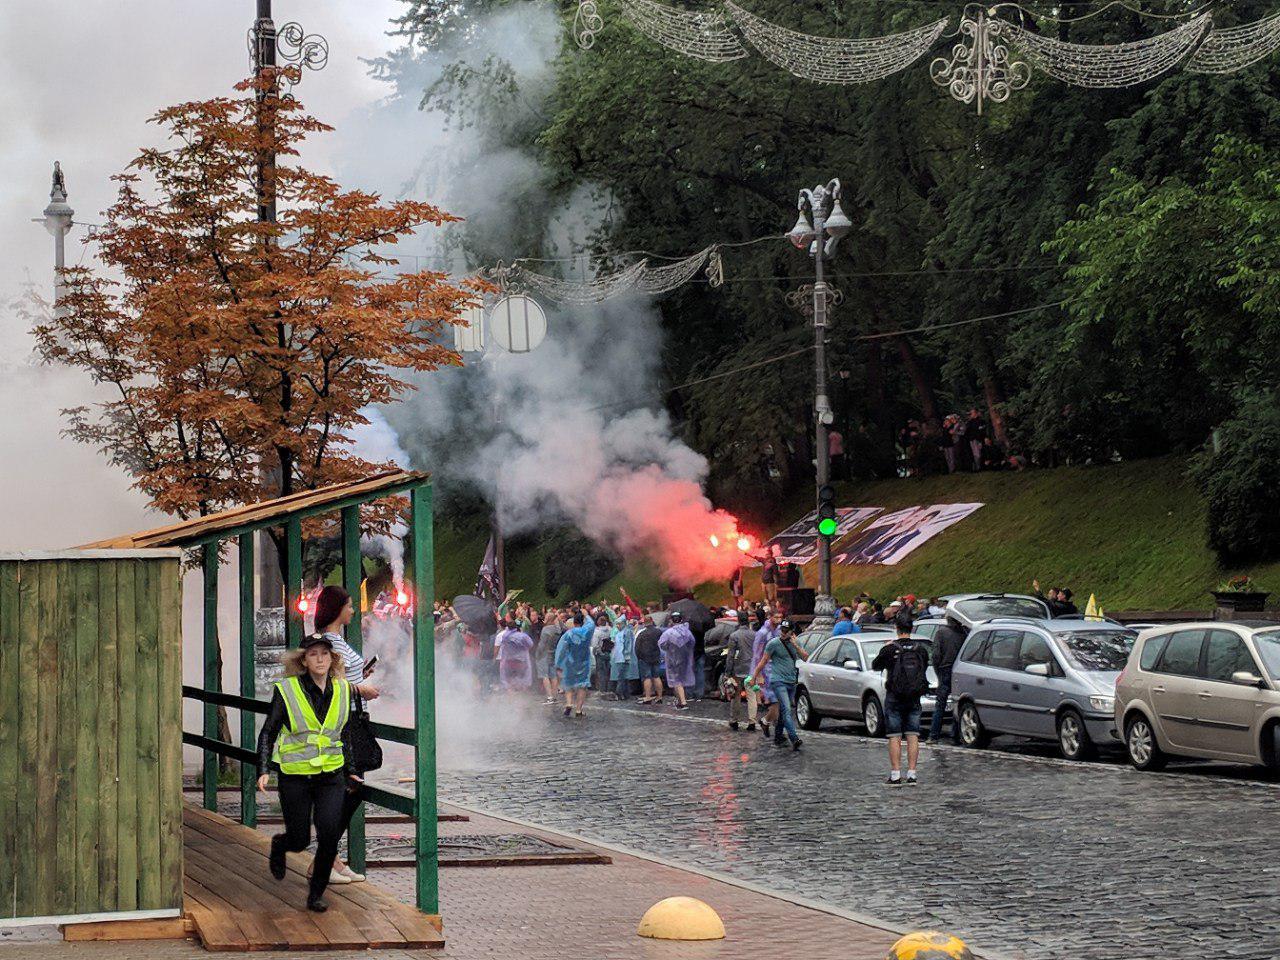 В ход шли дымовые шашки во время митинга (фото очевидцев)